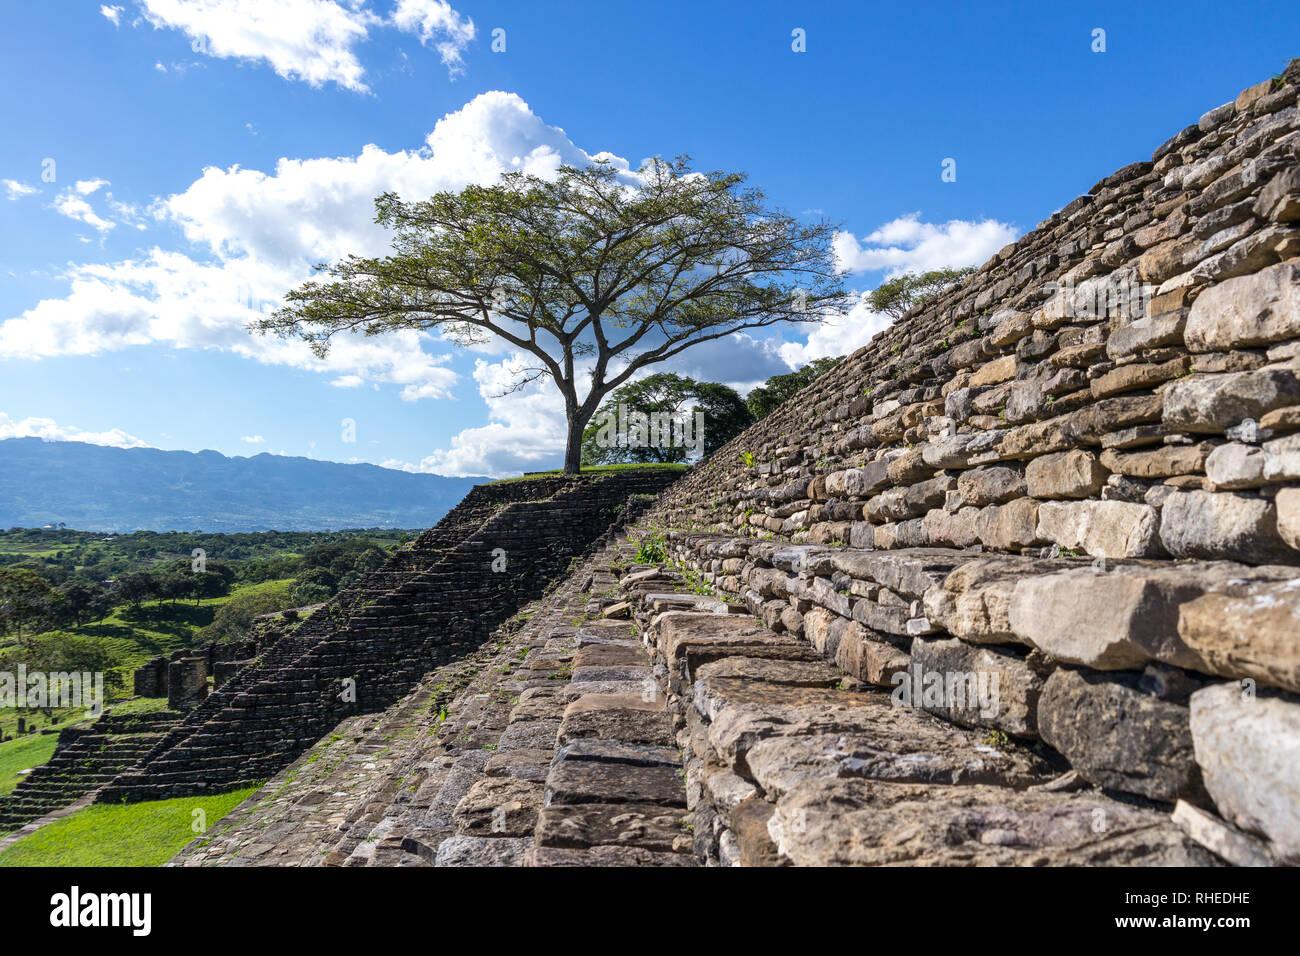 Acropolis of Tonina, Mayan Ruins, Chiapas, Mexico - Stock Image